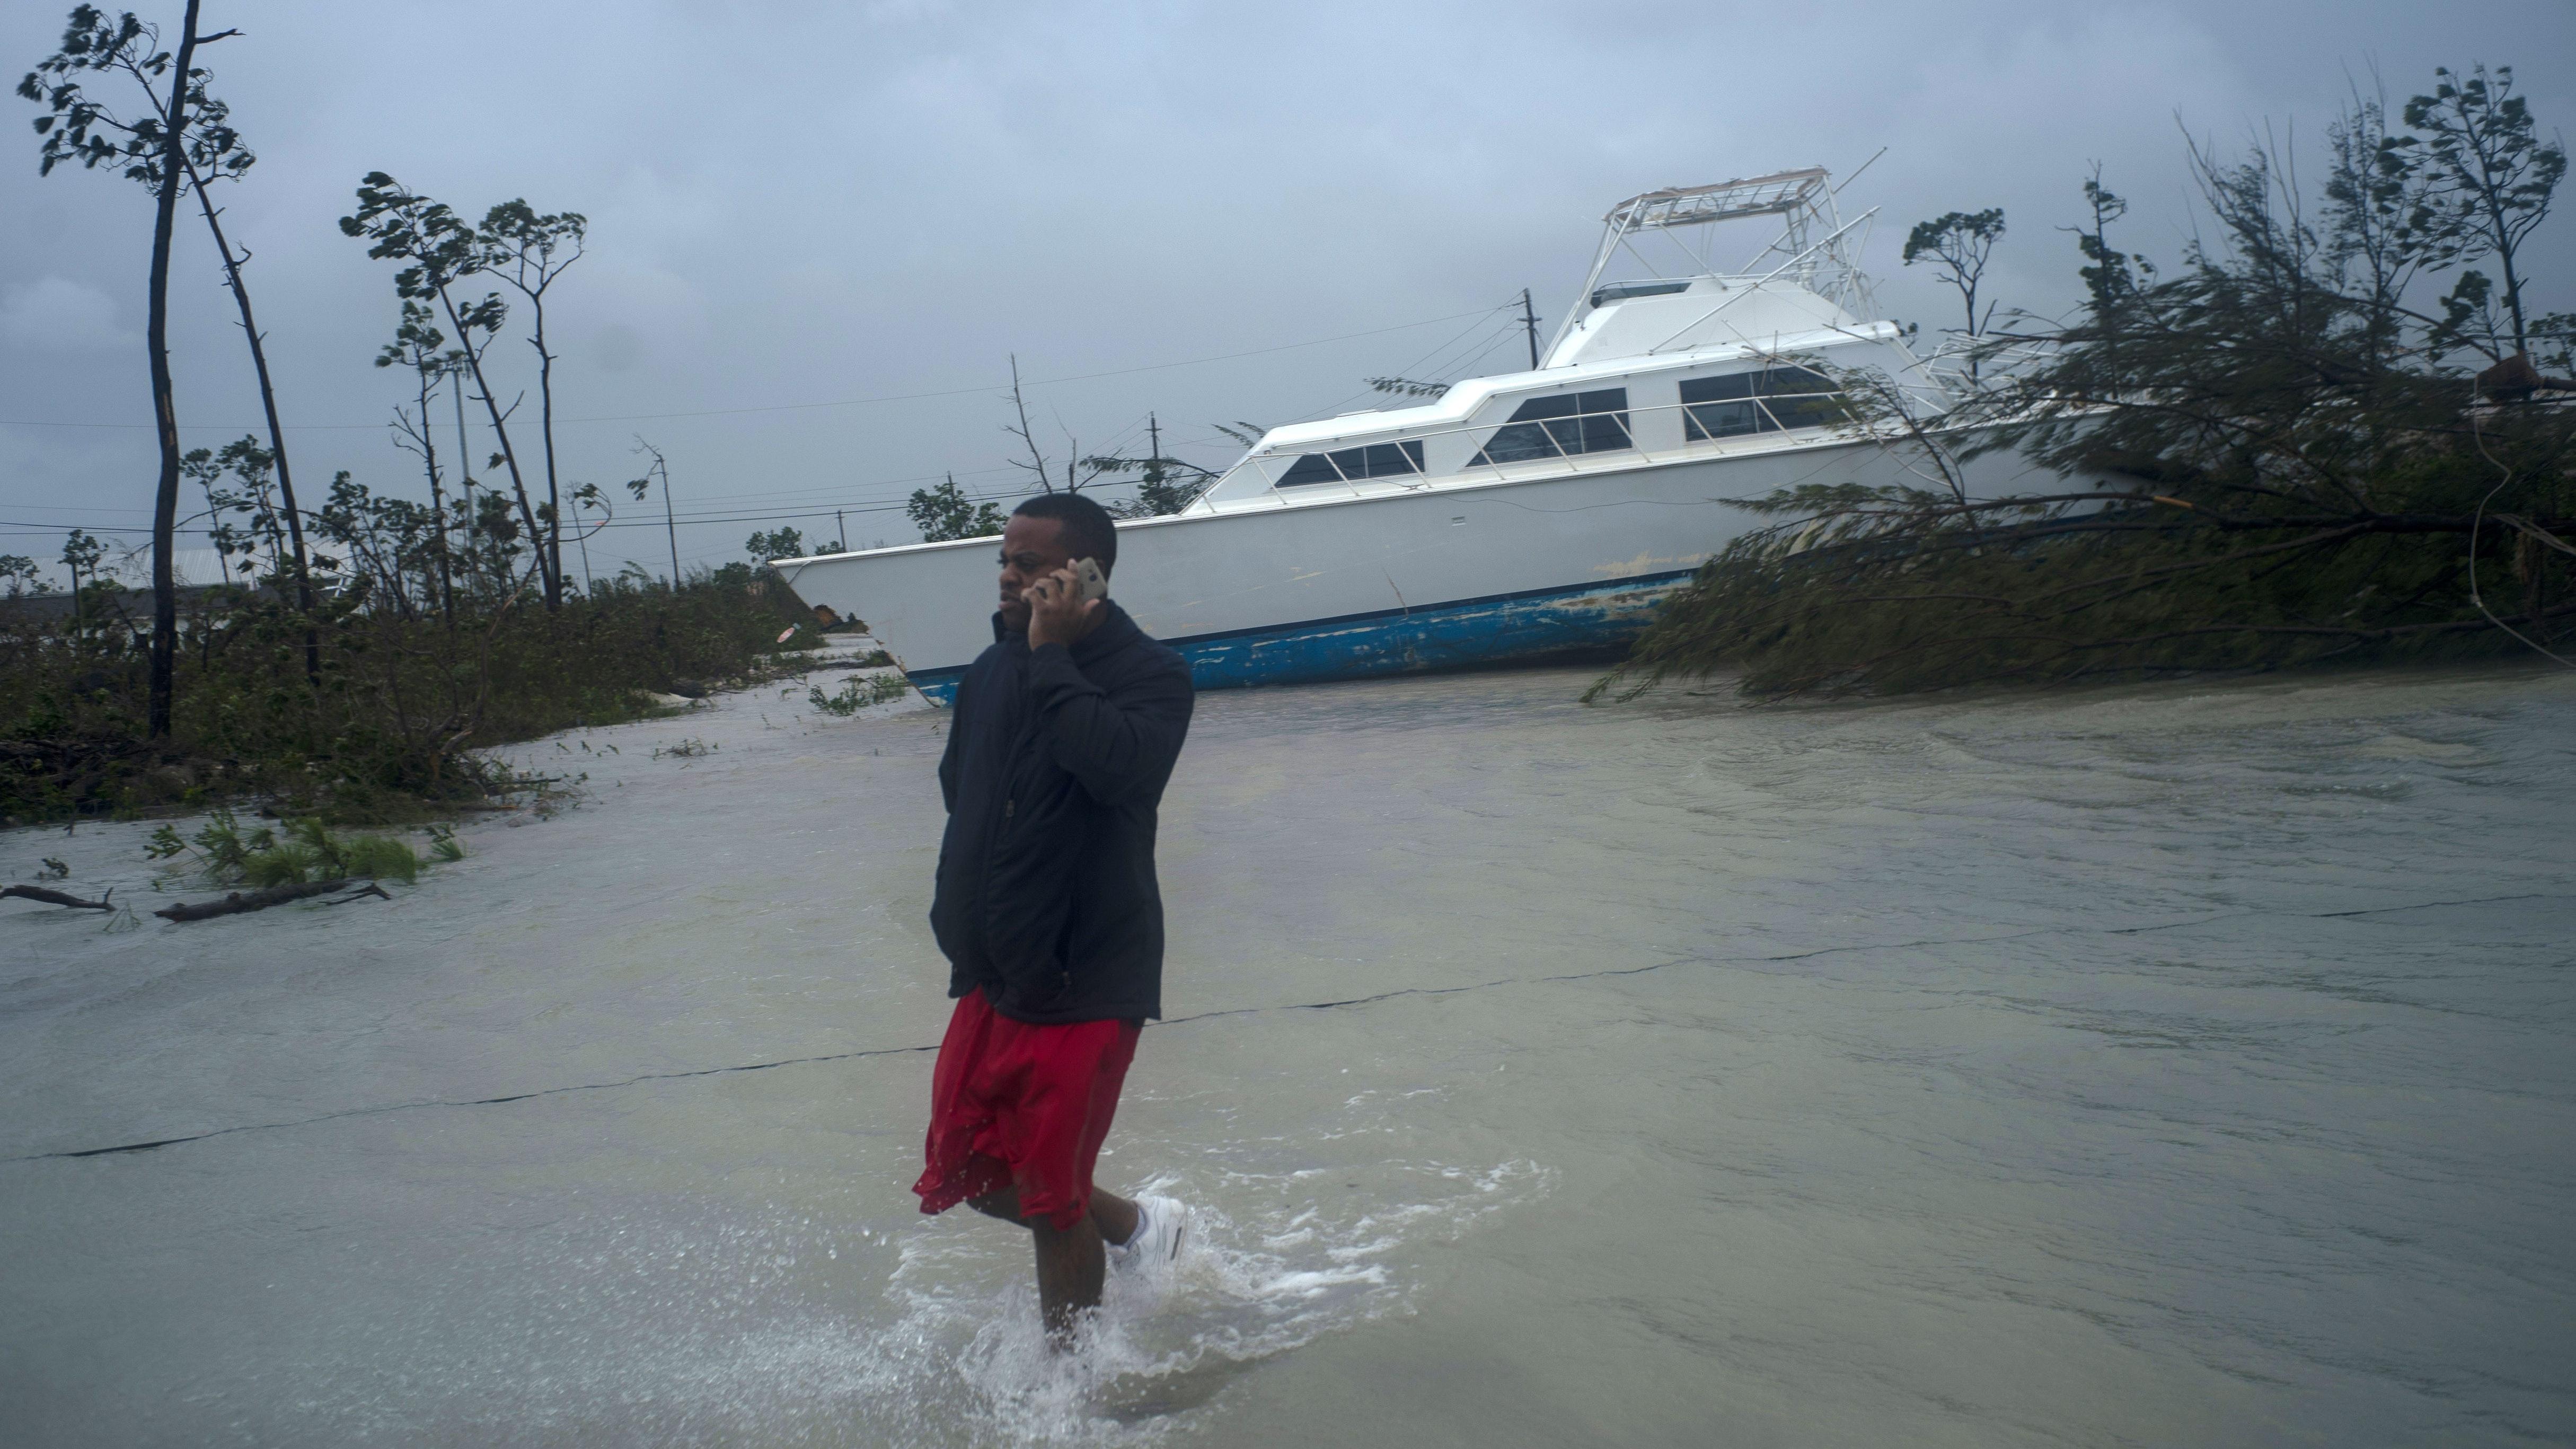 In pictures: Hurricane Dorian wreaks devastation in Bahamas   BT